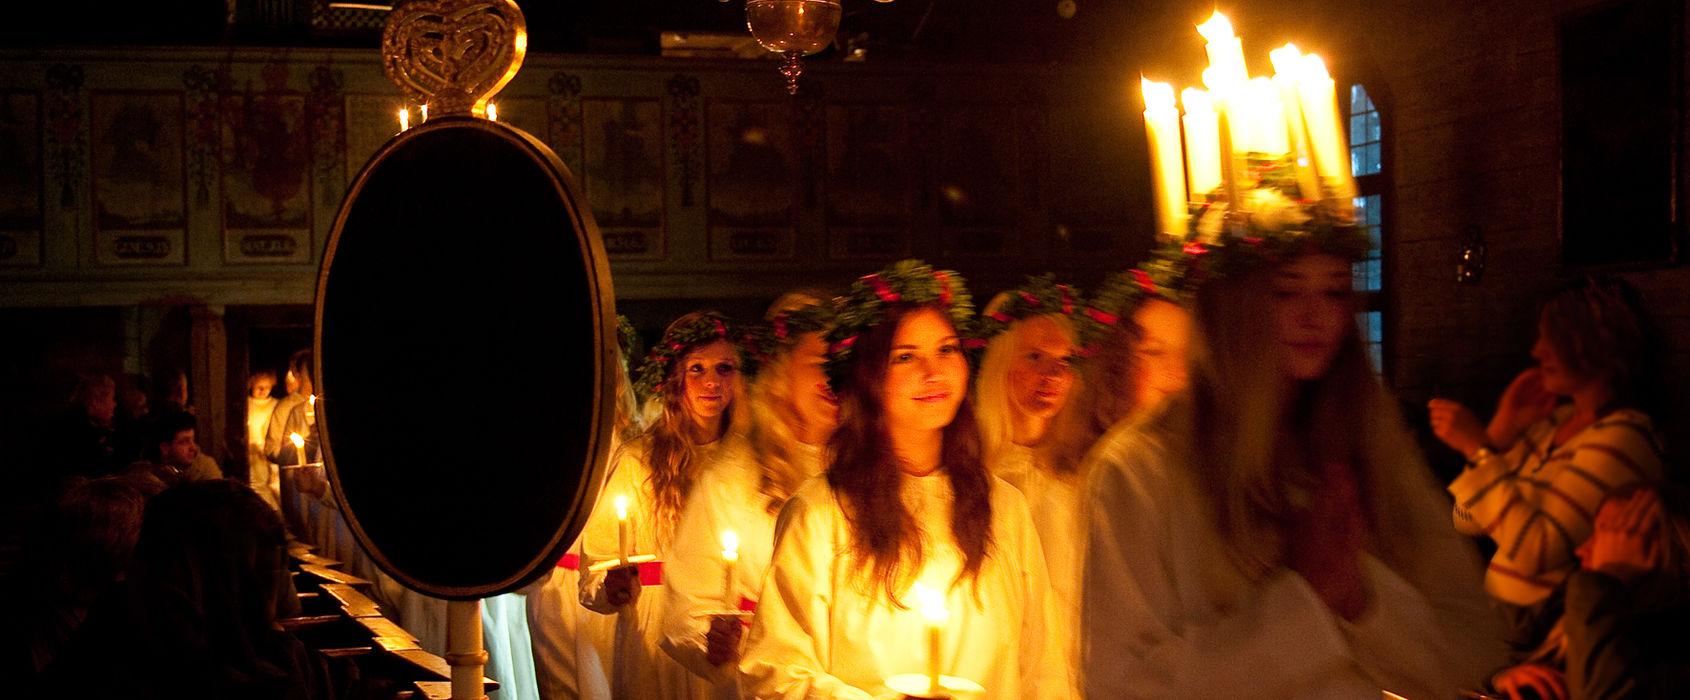 Luciafirande på Skansen. Ett luciatåg i Seglora kyrka. Längst fram går en tjej med levande ljus i sin krona, bakom henne går tärnföljet.